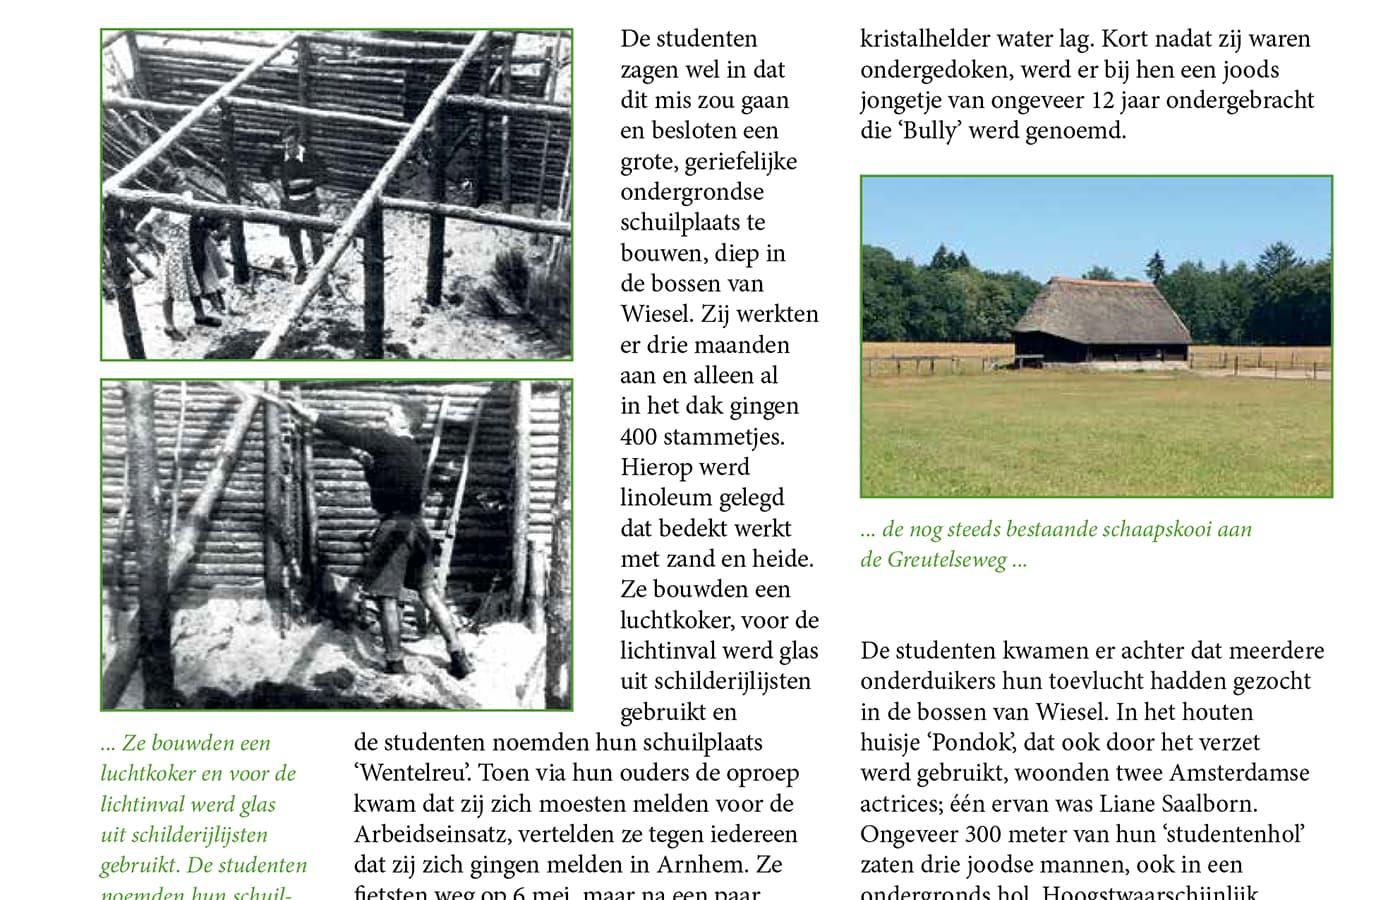 Verraad in de bossen van Wiesel - media